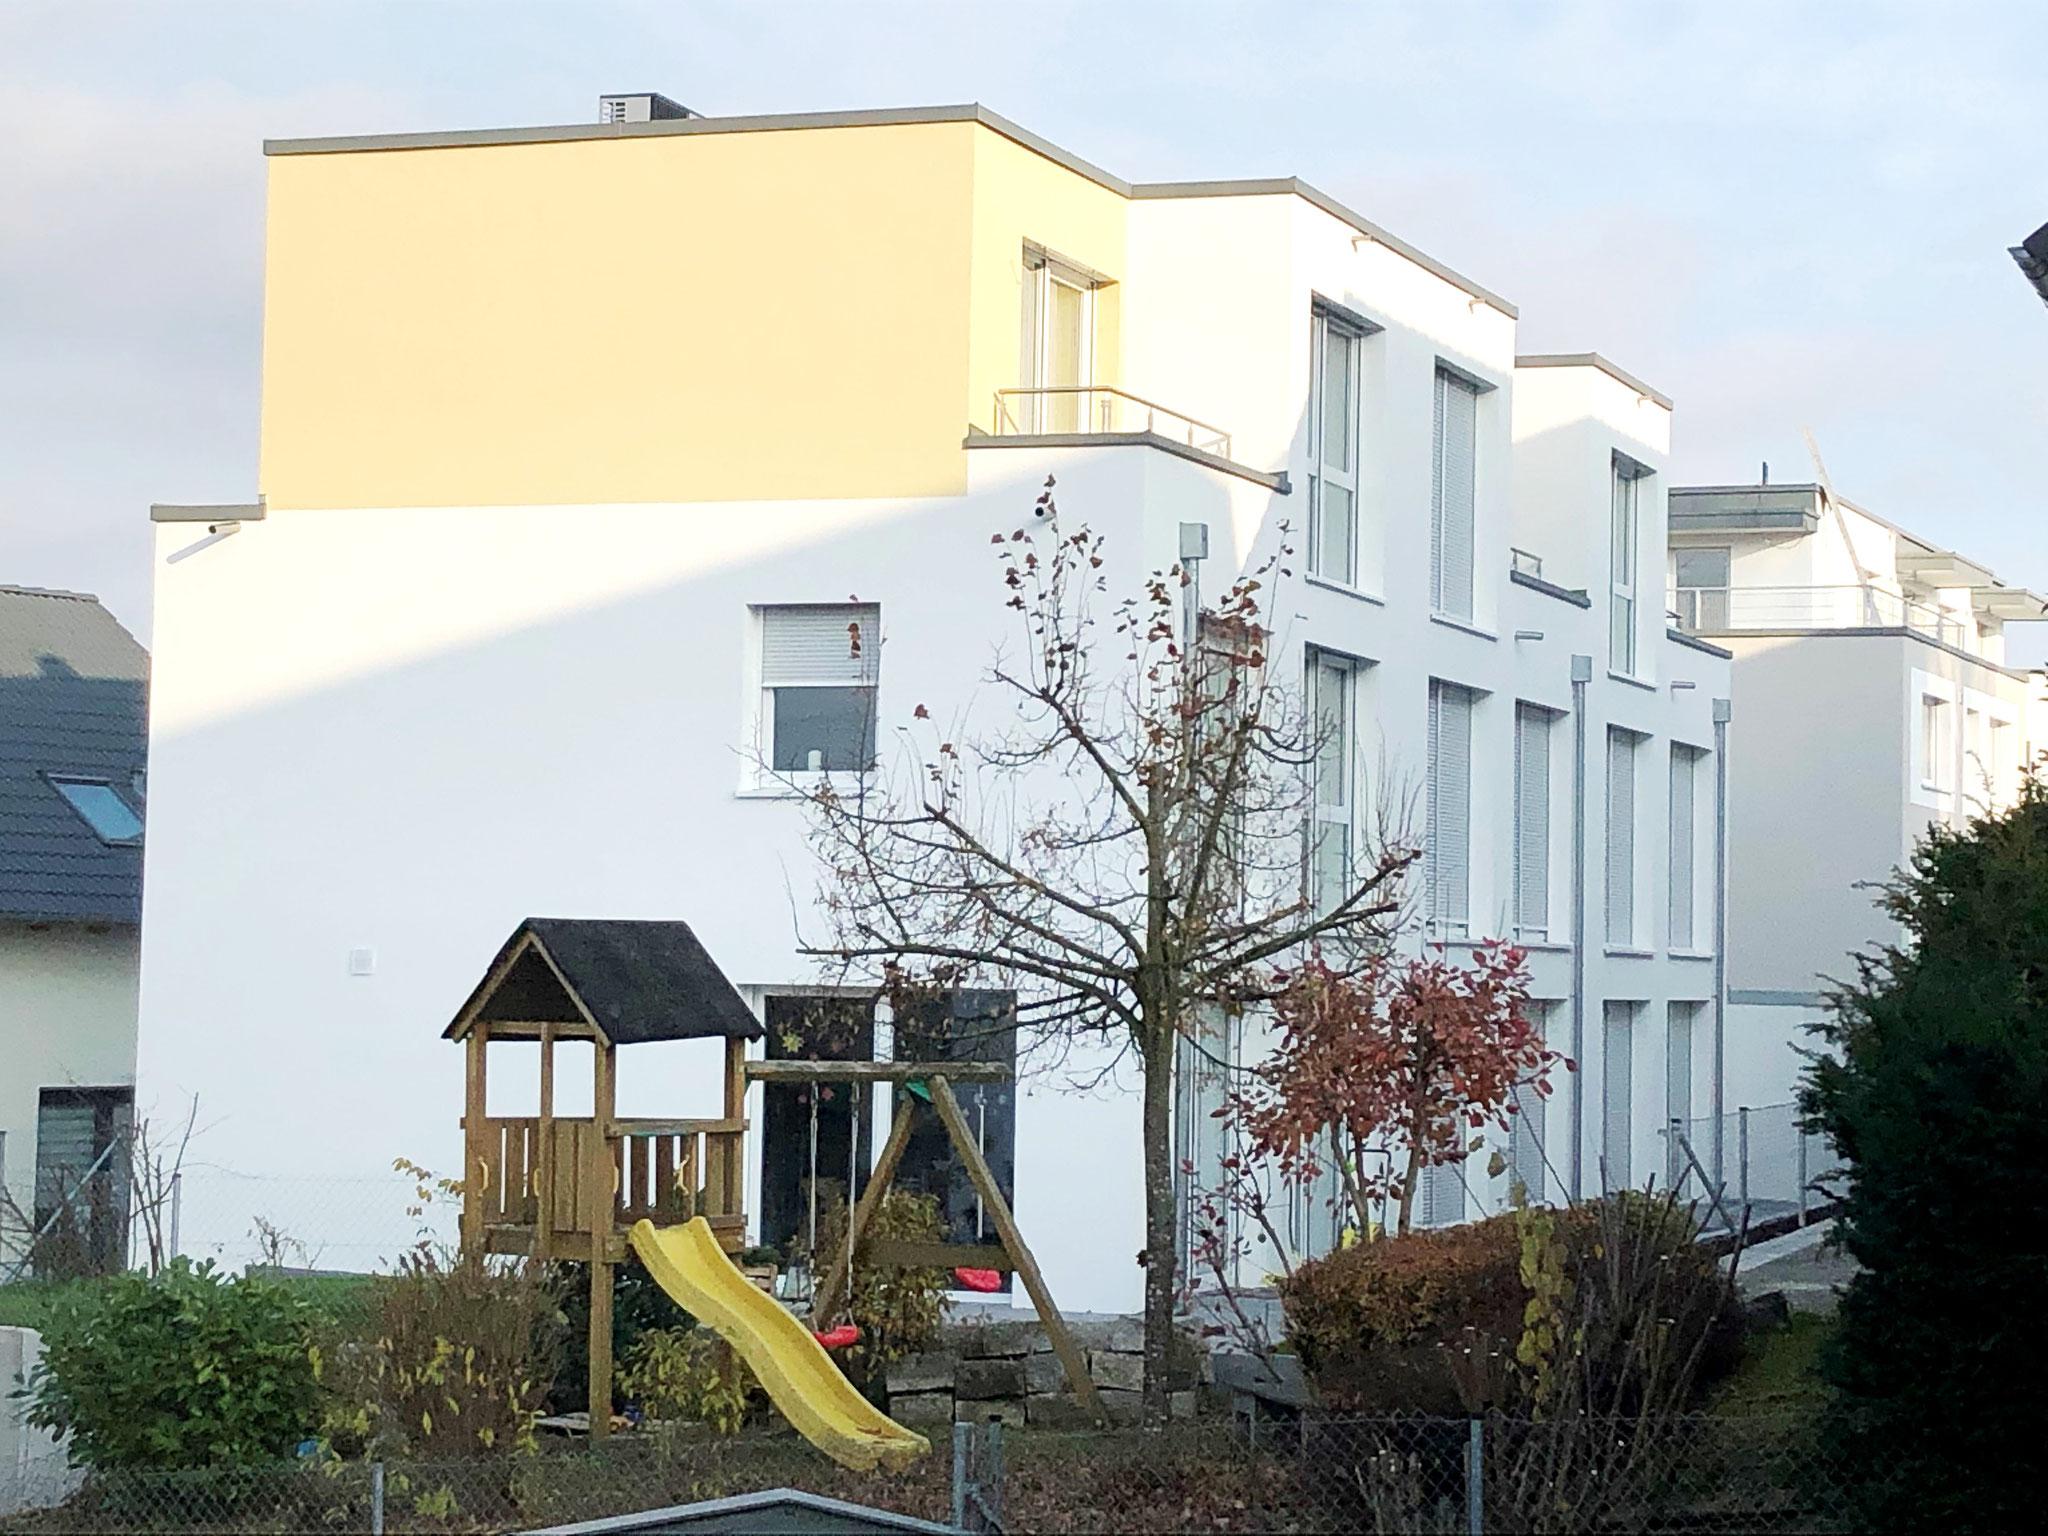 2019 12-Familienhaus und 3 Reihenhäuser, Brauereistraße in Magstadt, Architekt Dipl. Ing. Sandra Rapino